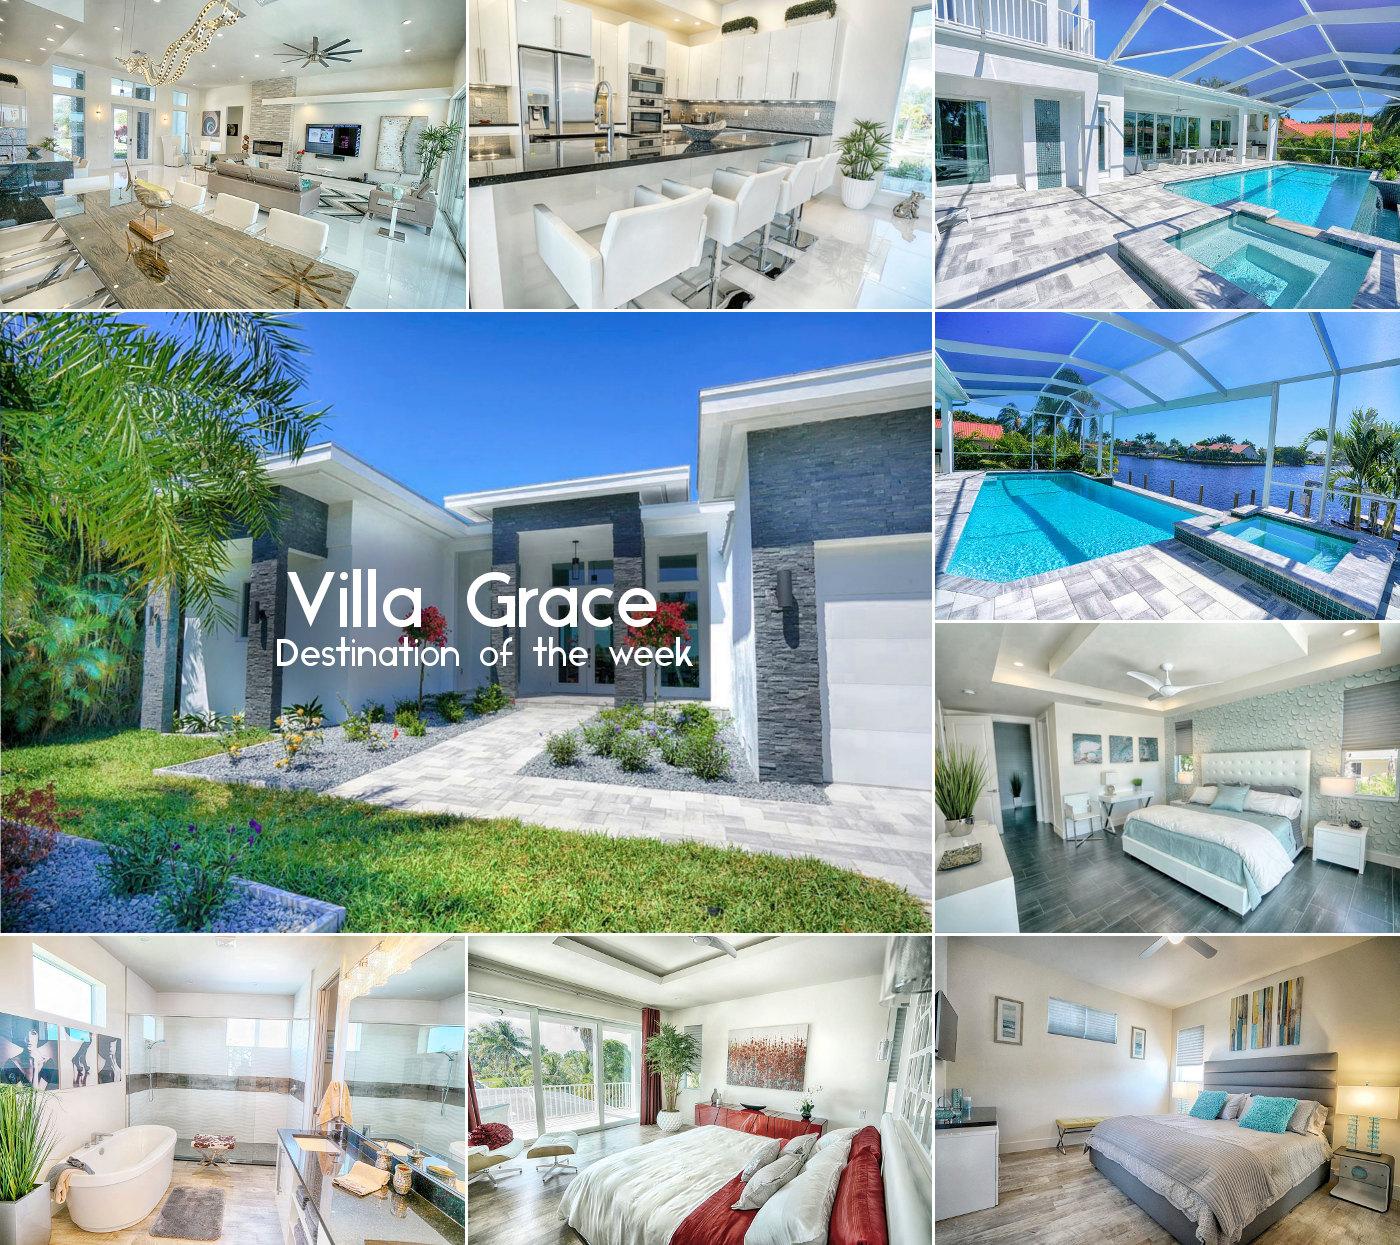 Villa Grace vom Traum zur Wirklichkeit – LVCC Real Estate